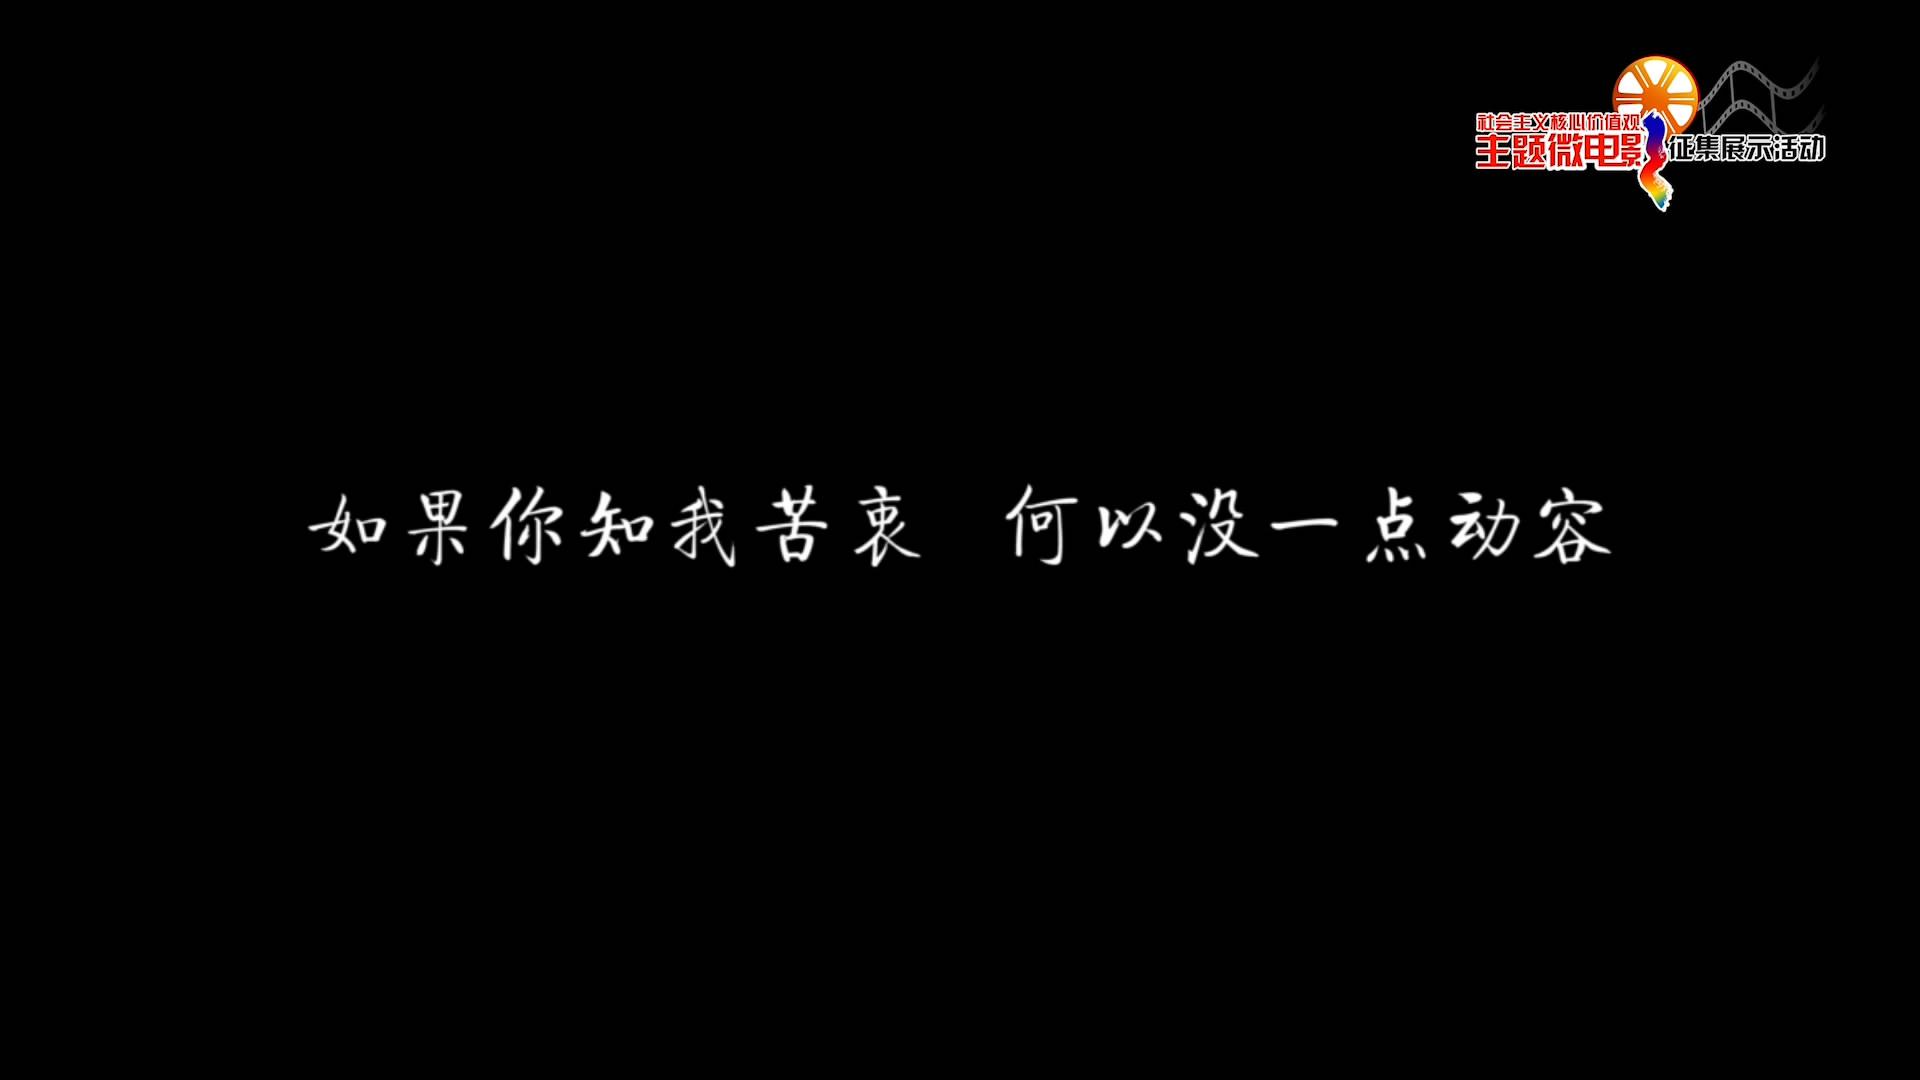 指路人(上海)[00_01_35][20200102-105543-5].JPG